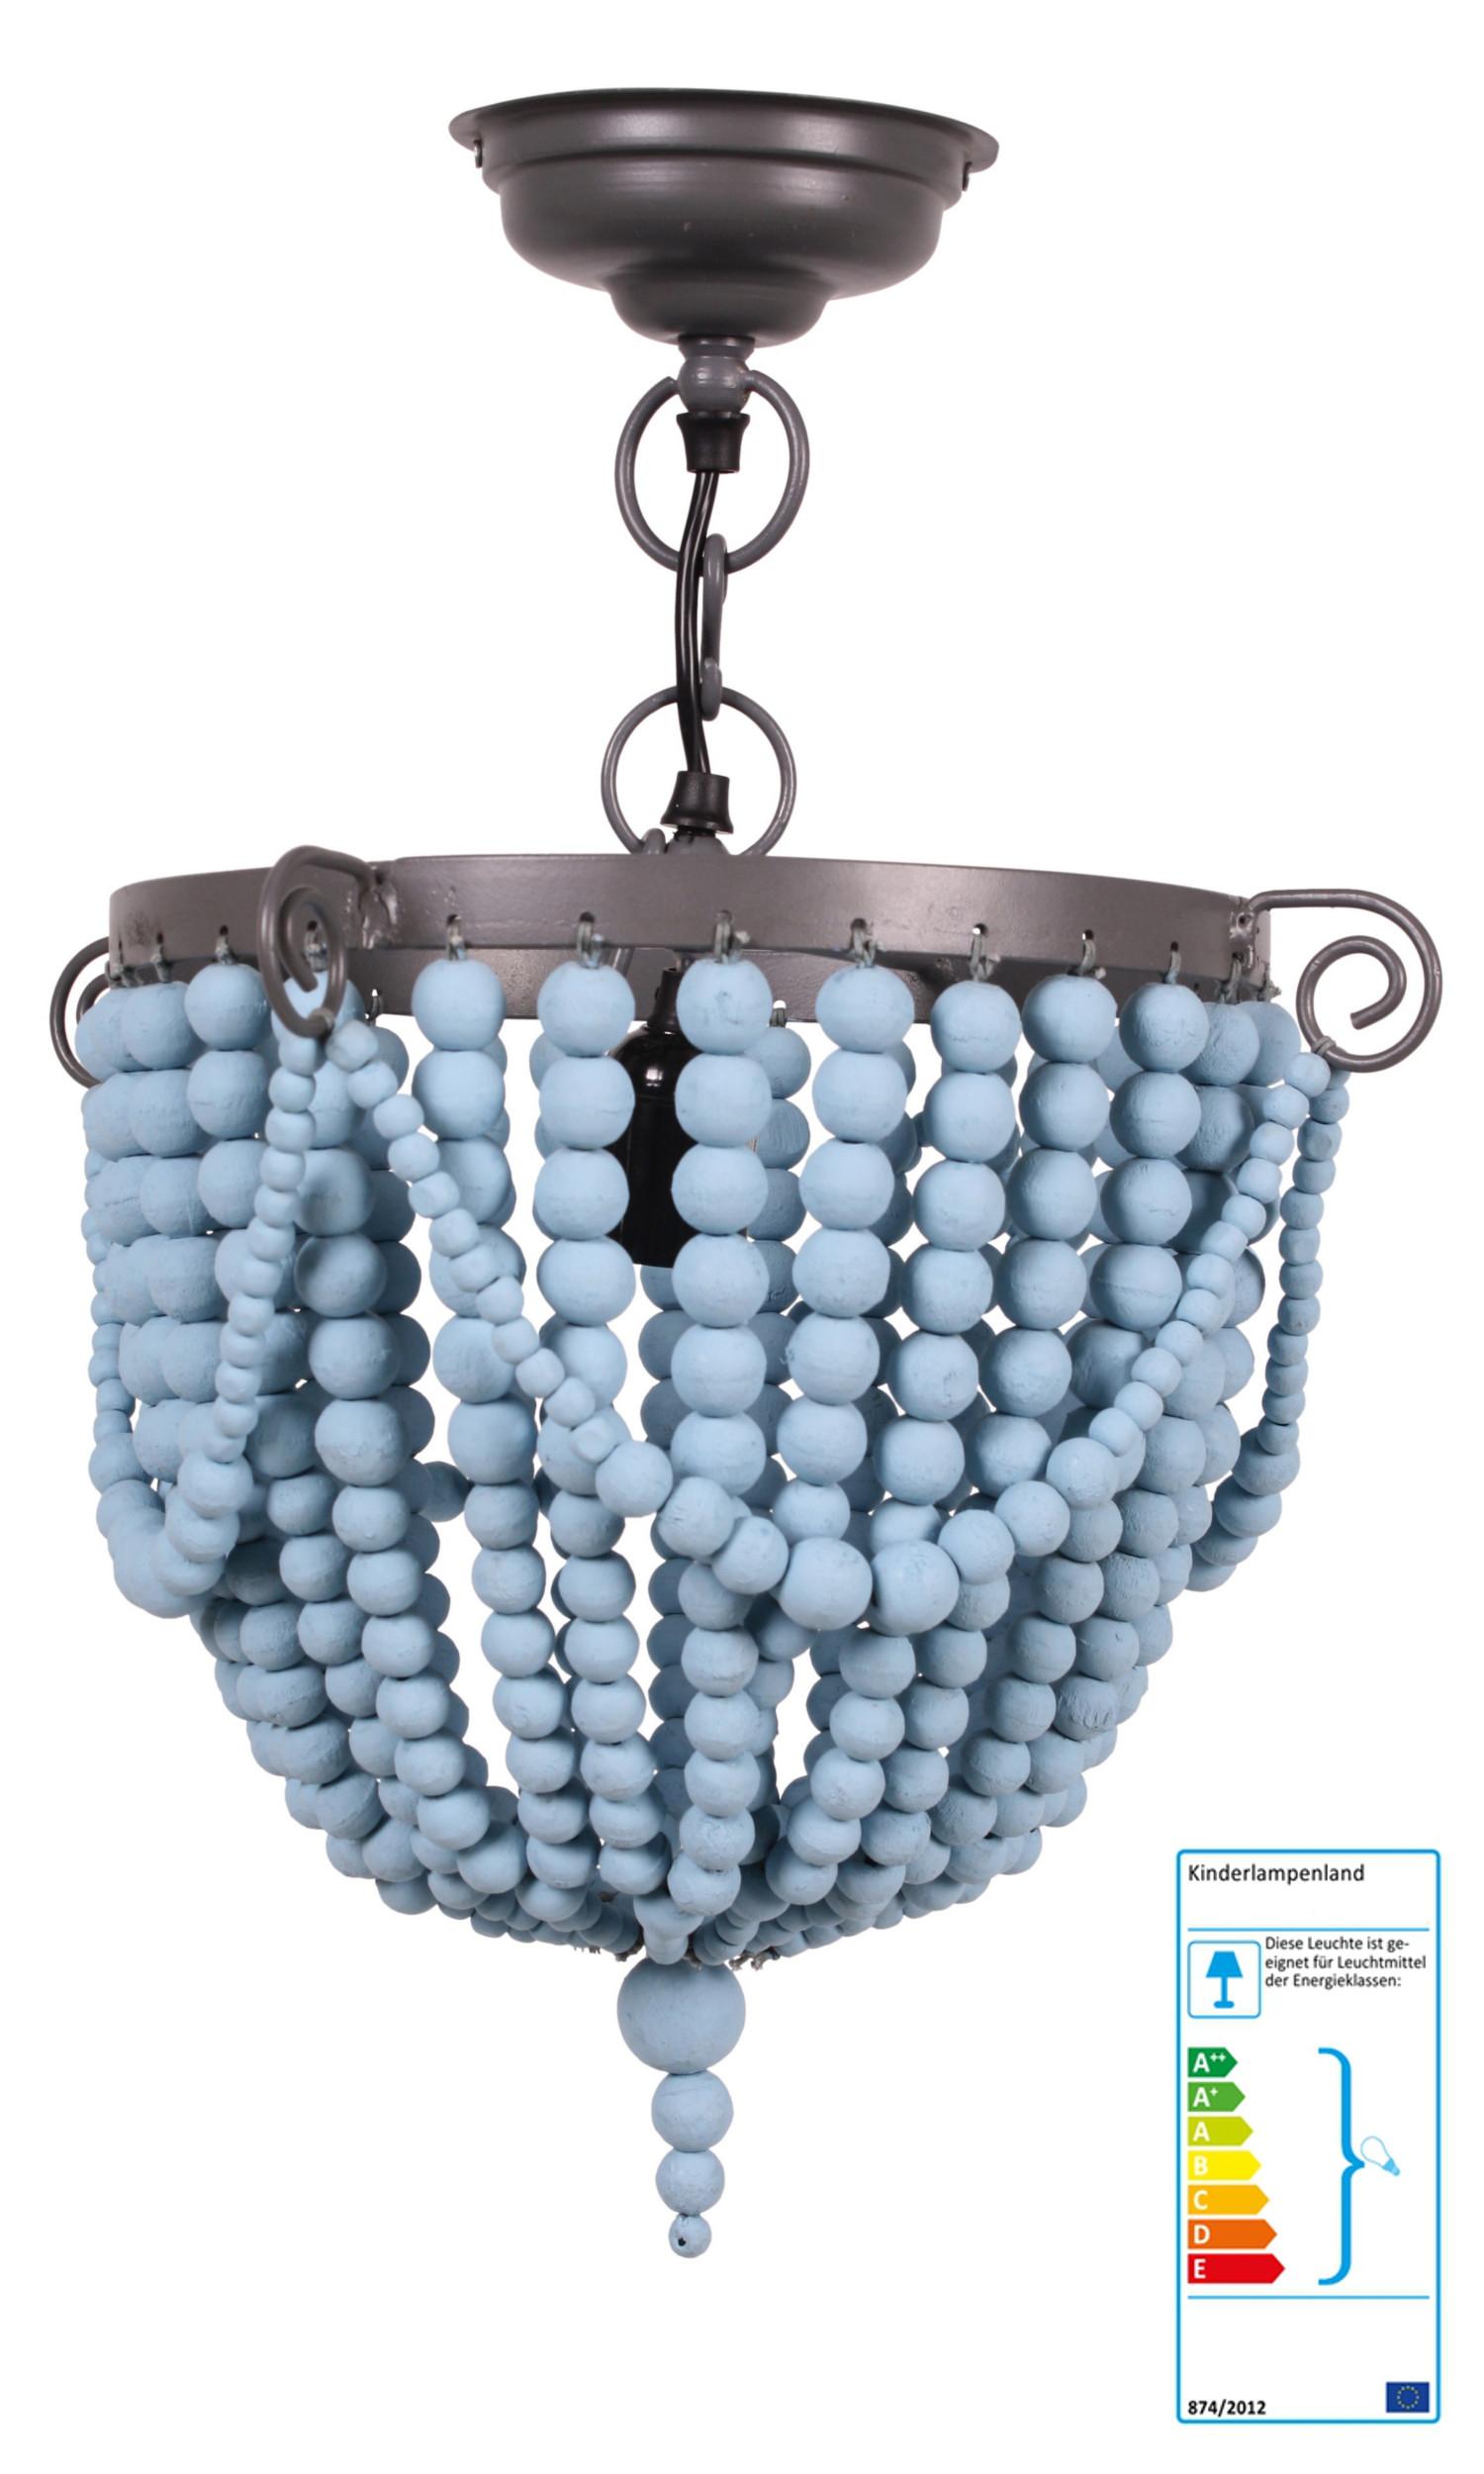 kidsdepot kronleuchter blau pendelleuchten aus holz oder kunststoff im kinderlampenland. Black Bedroom Furniture Sets. Home Design Ideas